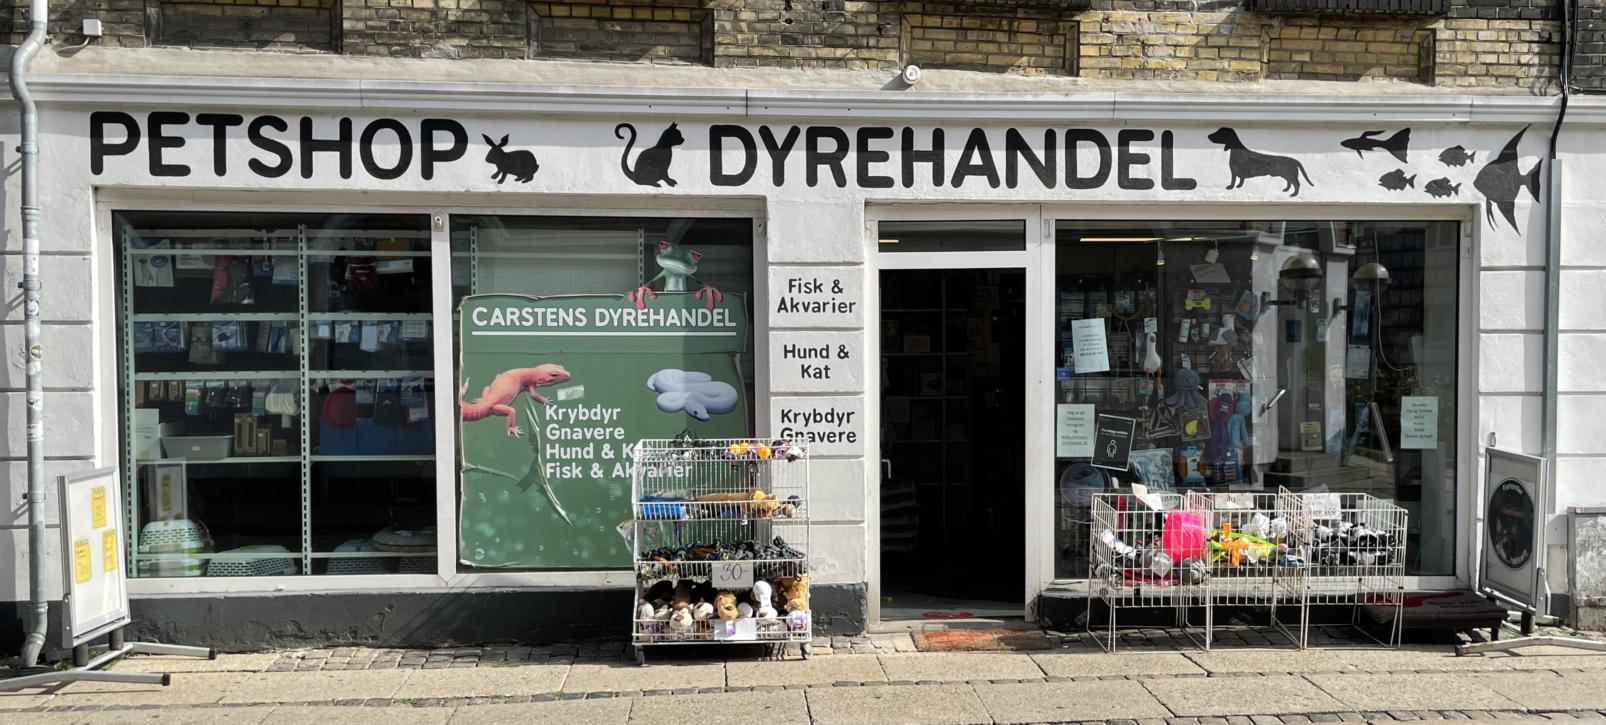 Carstens_Dyrehandel_butiksfront